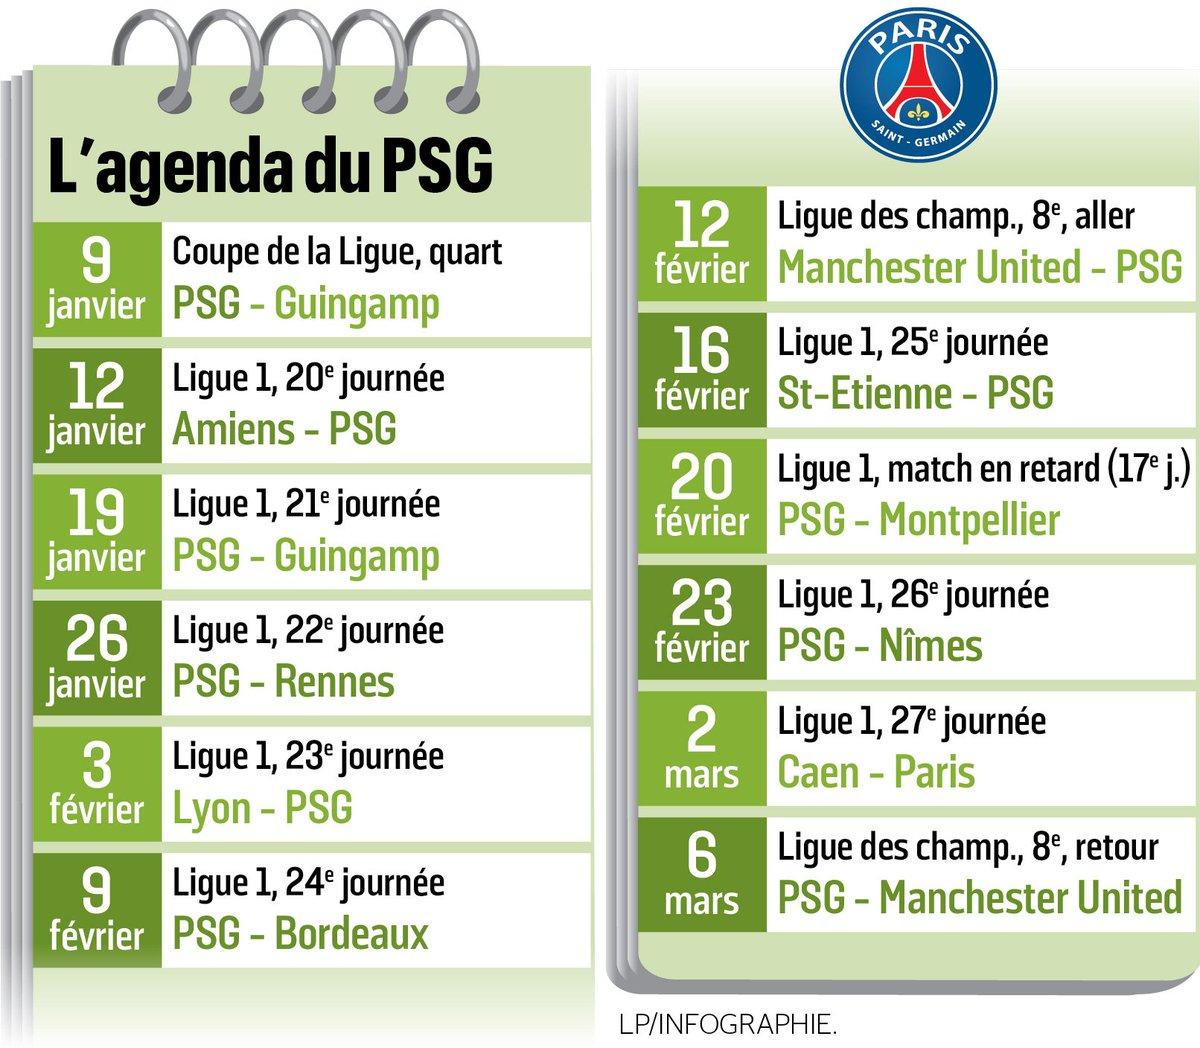 Psg Calendrier Match.Le Parisien Infog On Twitter Le Calendrier Charge Du Psg